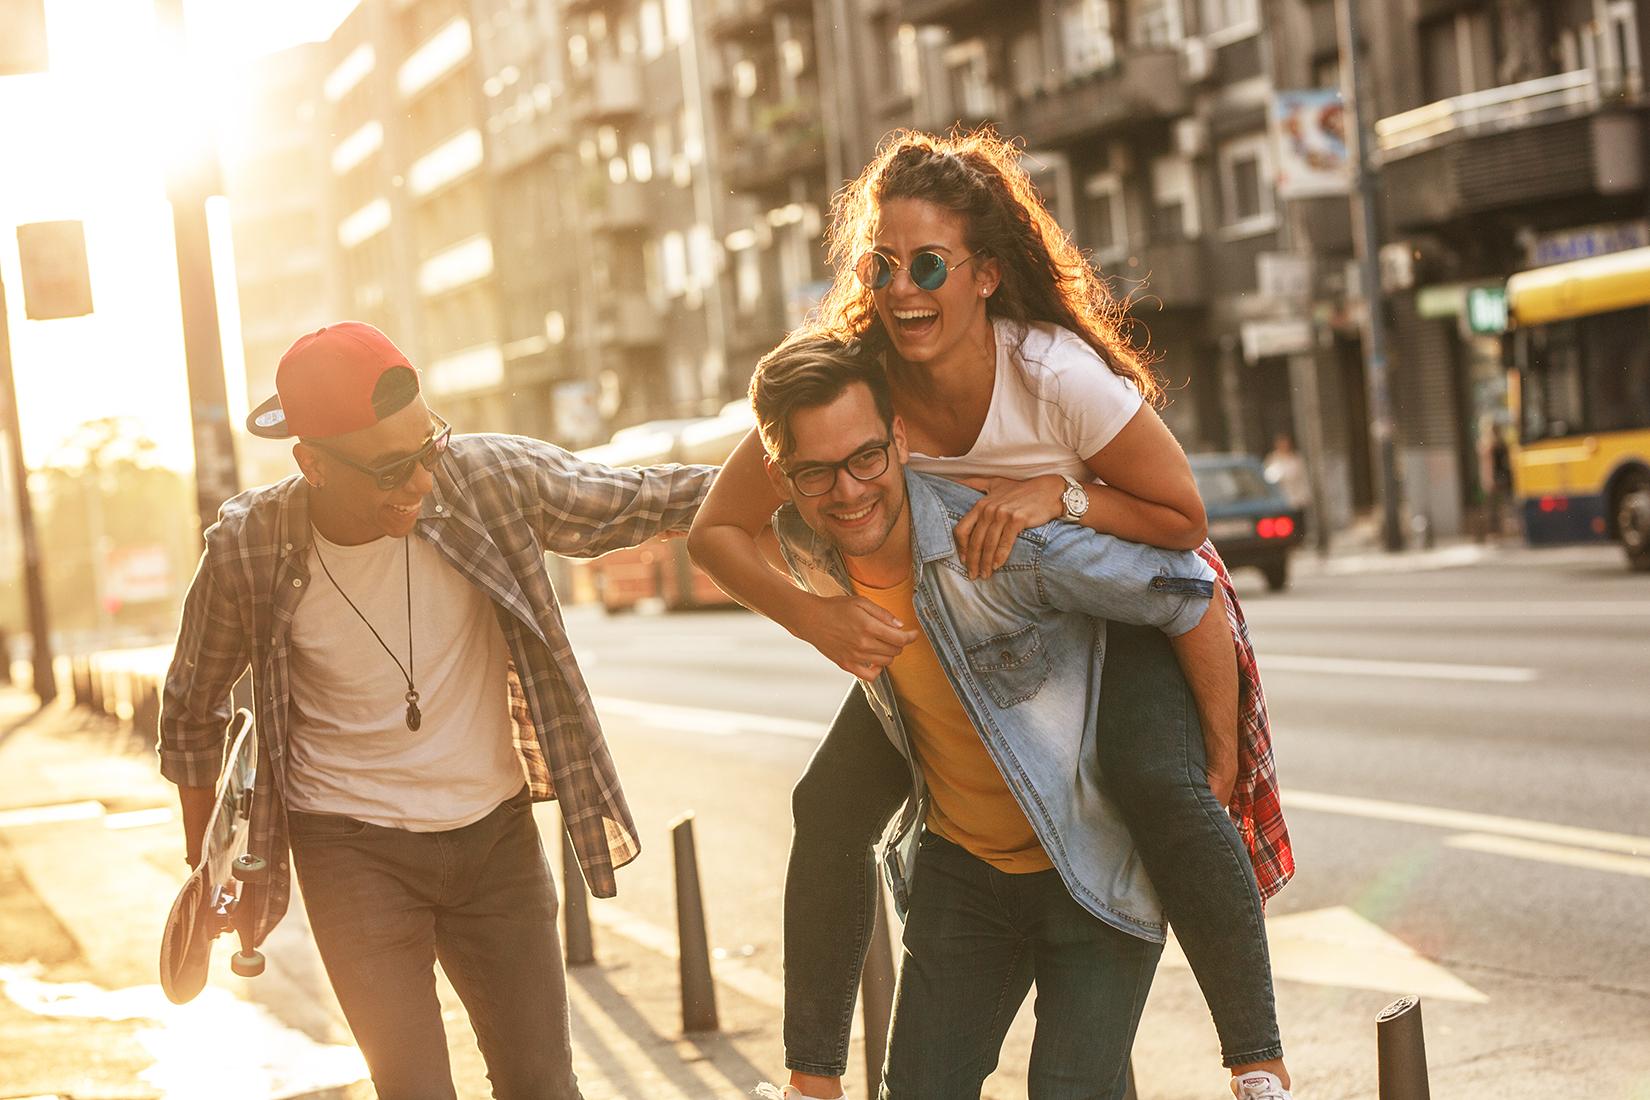 Drei Freunde albern in einer Großstadt-Szenerie. Die junge Frau sitzt auf den Schultern eines Freundes.